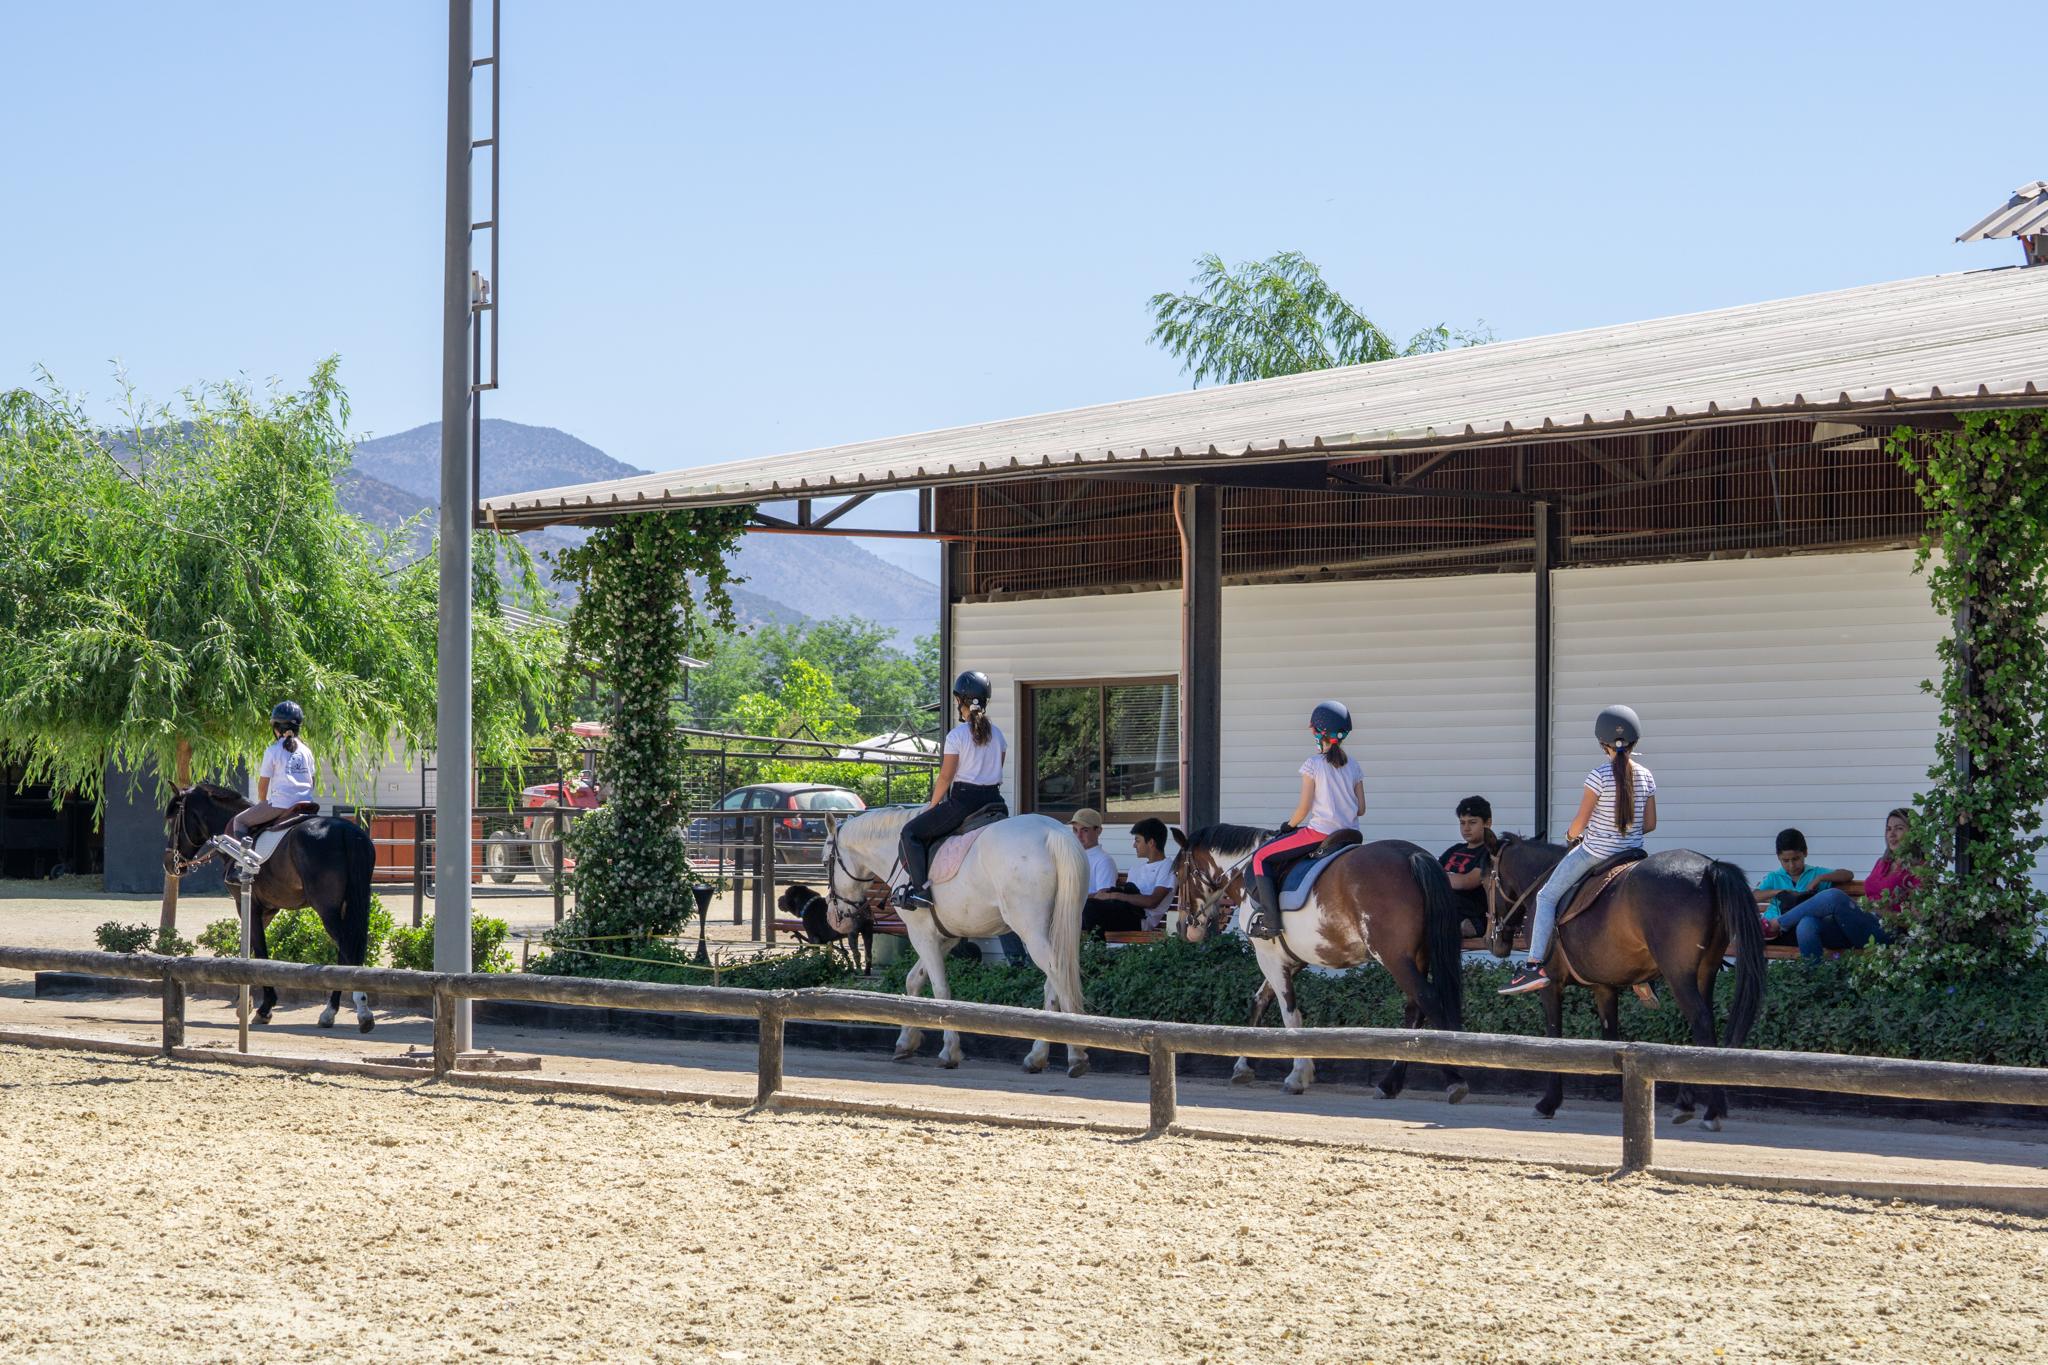 Terminando la clase de equitacion